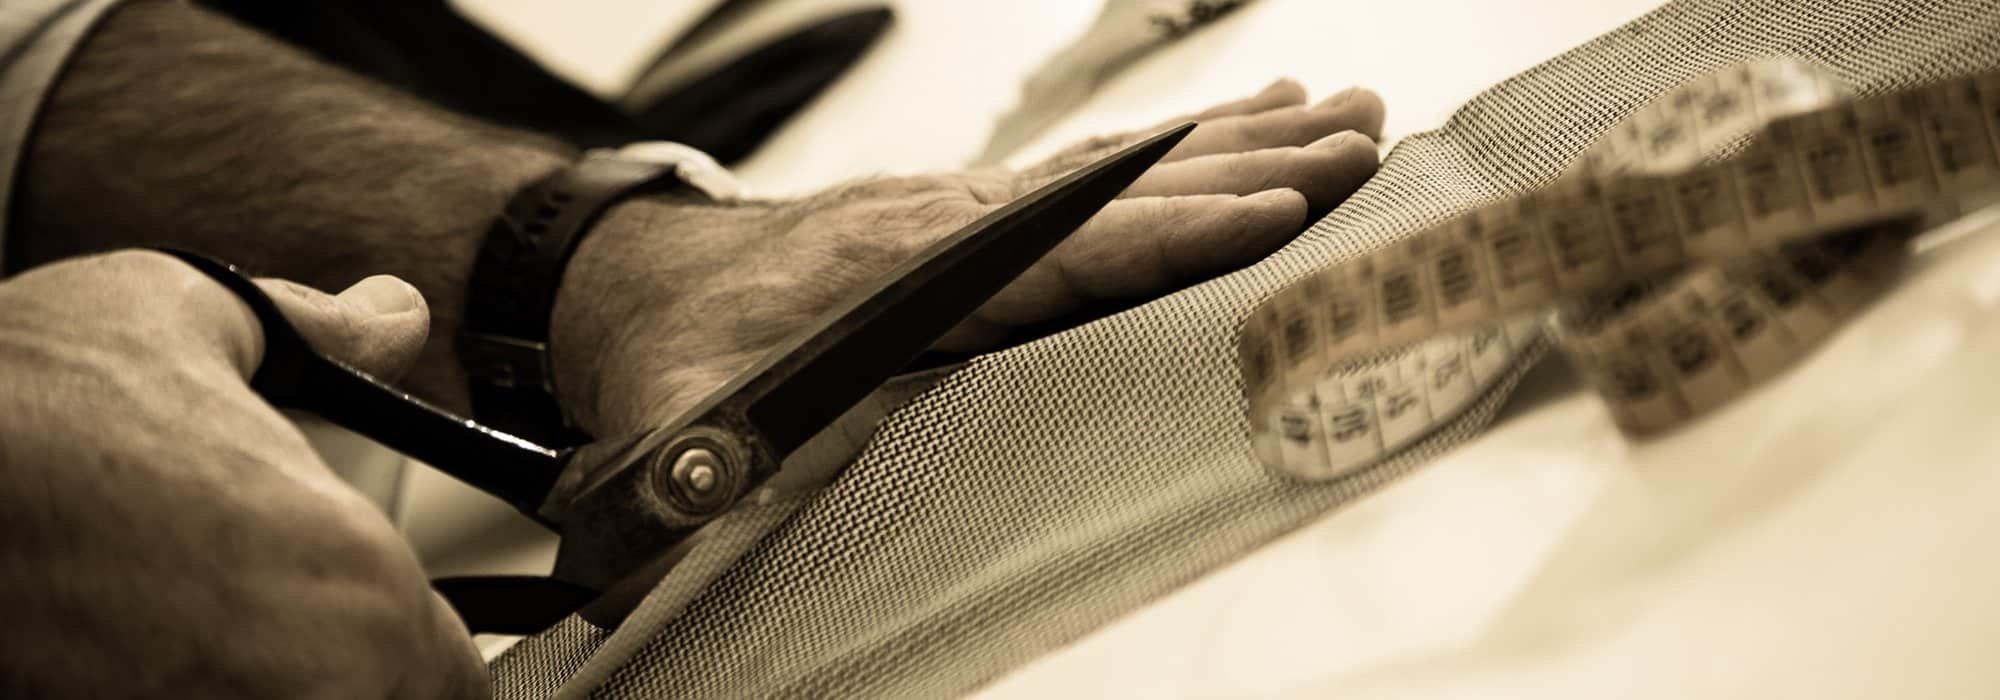 Forbici, ago e filo impiegati con precisione e passione.